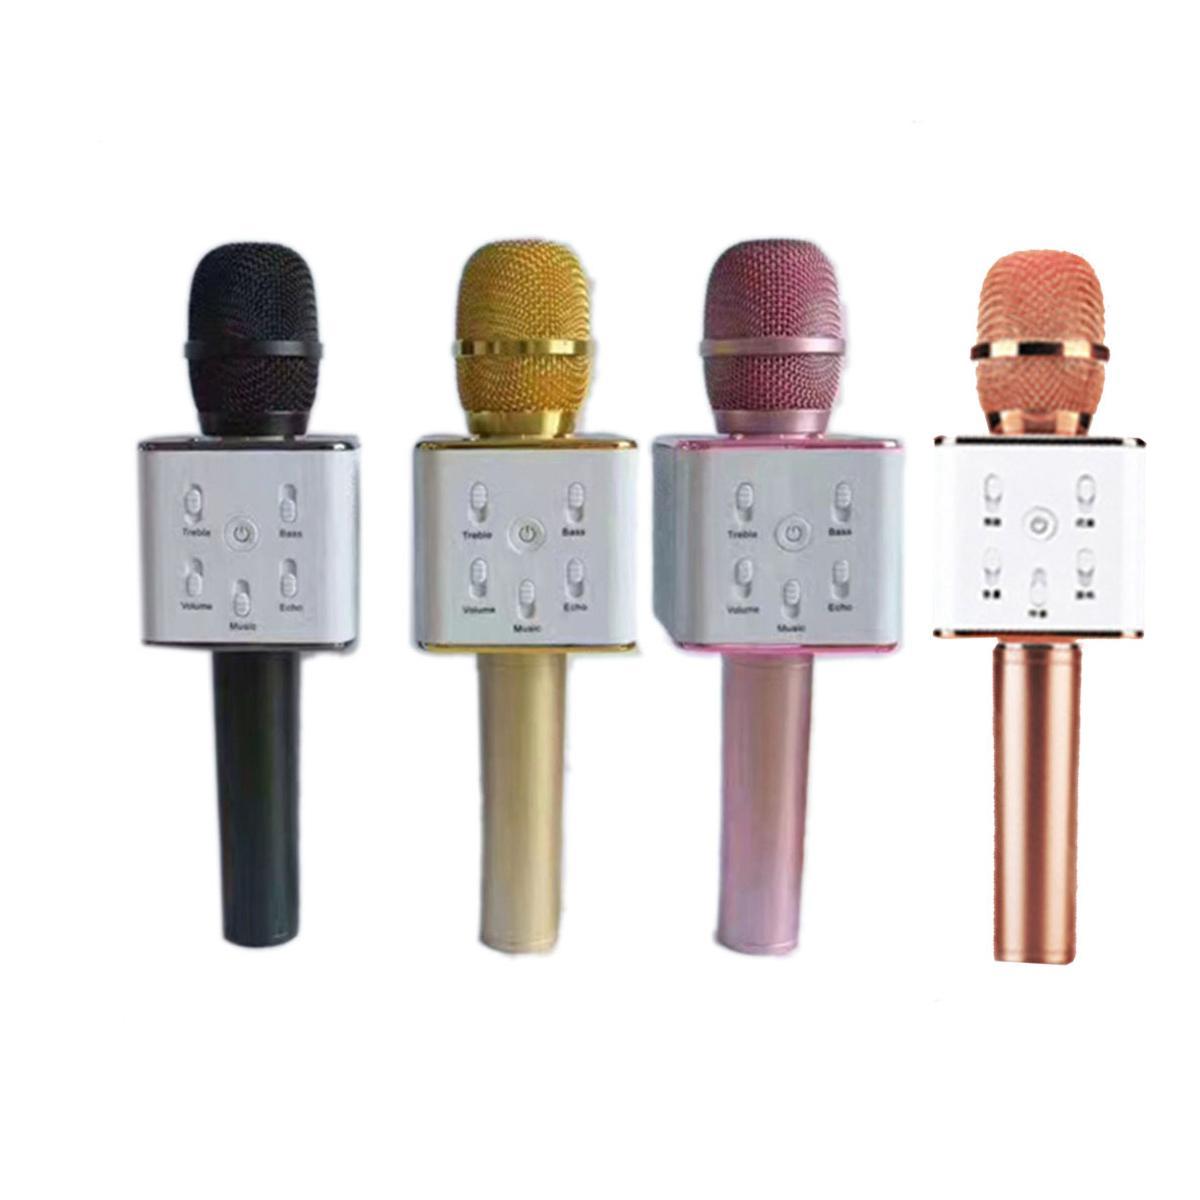 حار Q7 بلوتوث ميكروفون المحمولة المحمولة اللاسلكية ktv karaoke مشغل مكبرات الصوت مع ميكروفون المتكلم لمدة 7 زائد سامسونج s7 dhl